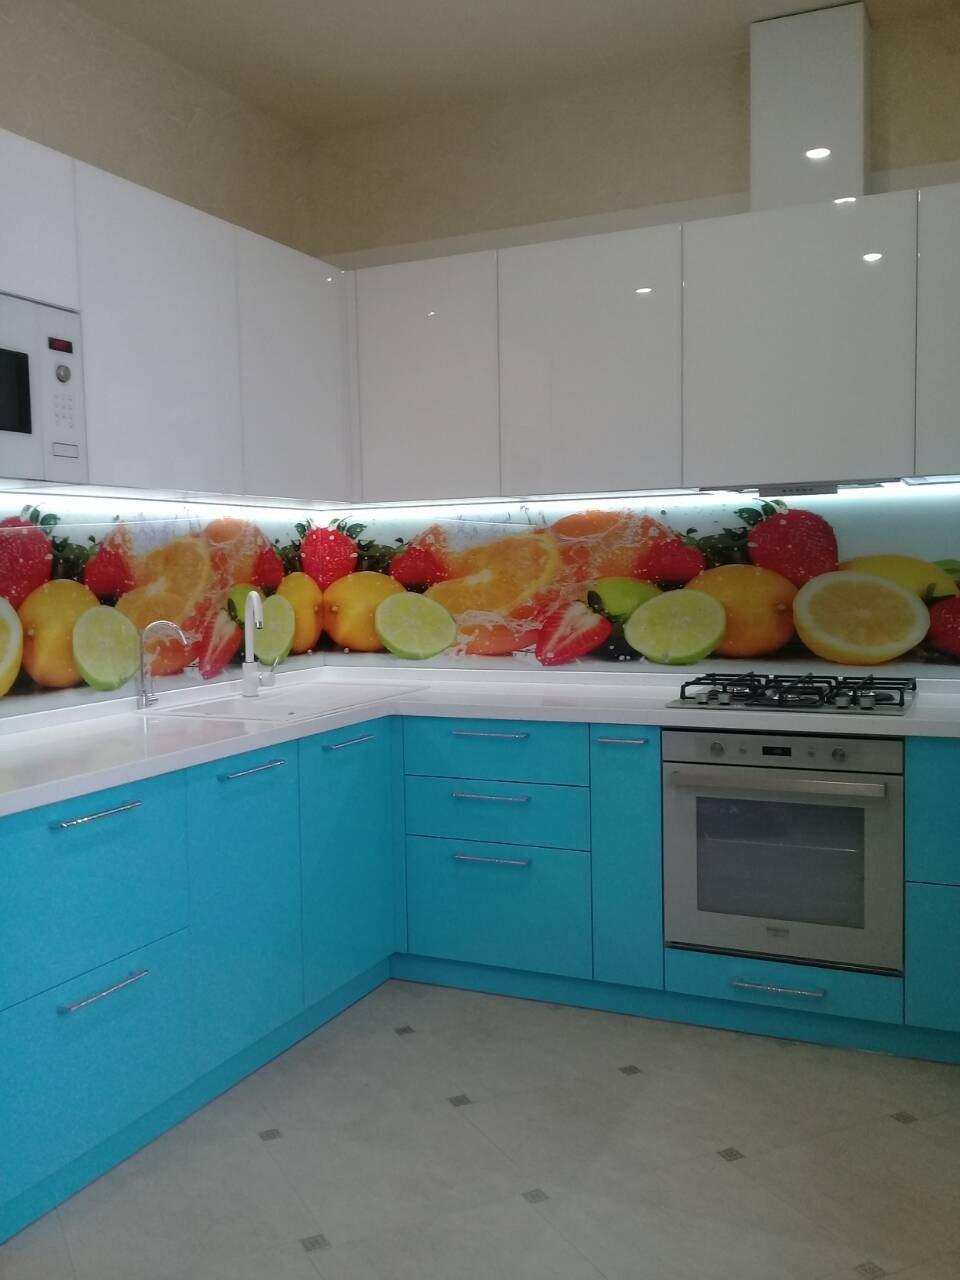 Кухни с акриловыми фасадами ADELKREIS в Воронеже